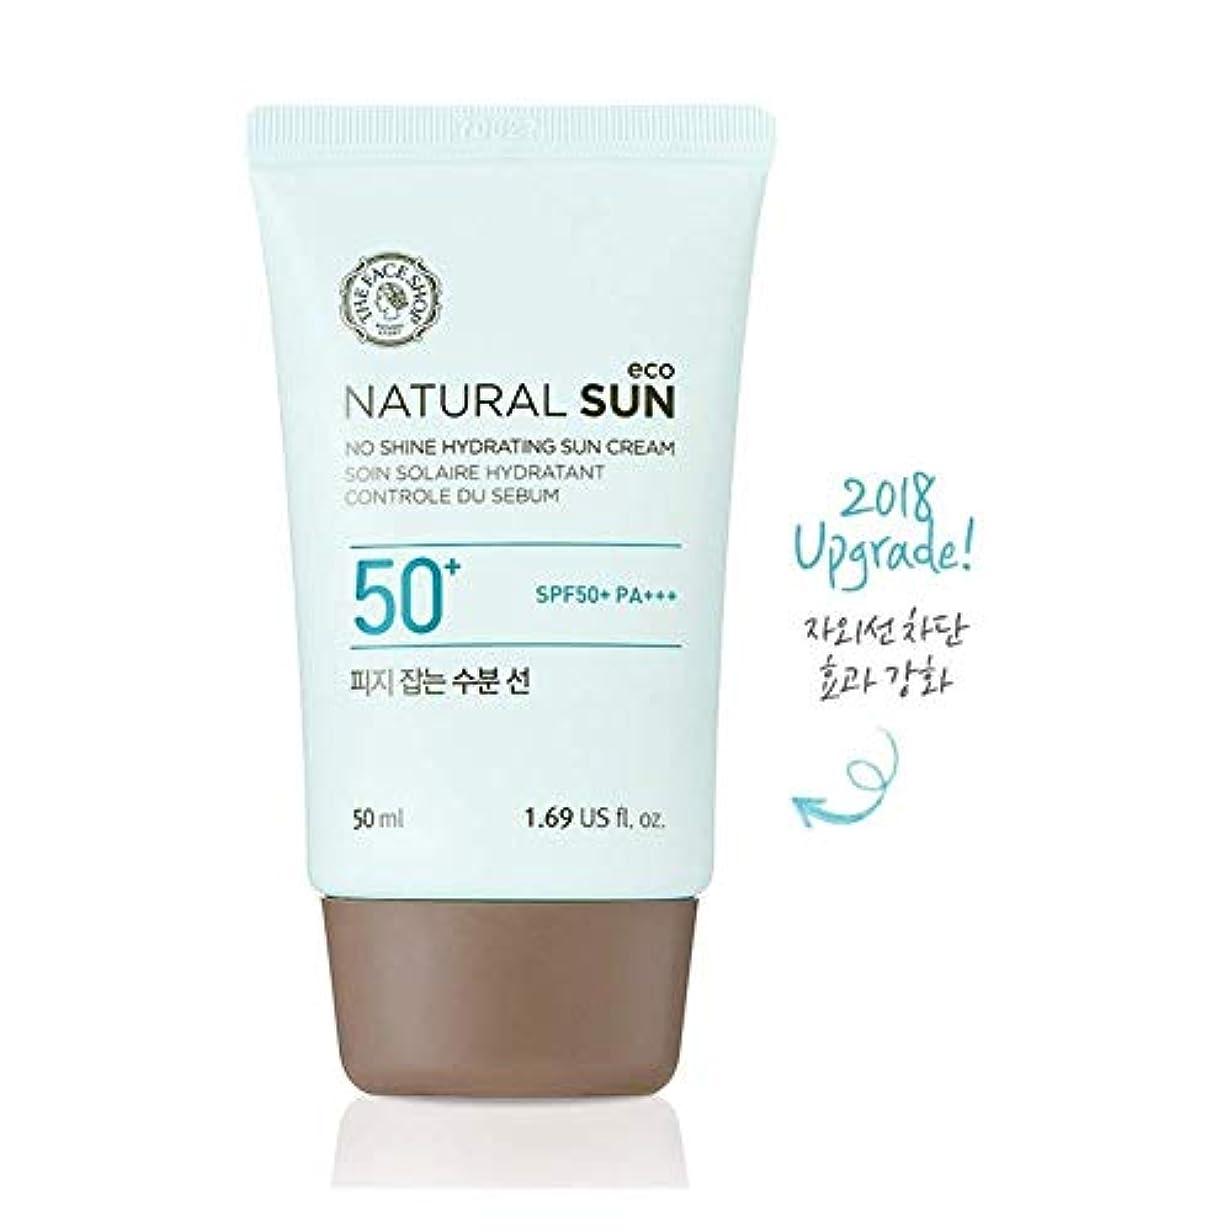 フェローシップ仕事に行くザ?フェイスショップ ネチュロルソンエコフィジーサン?クリーム SPF50+PA+++50ml 韓国コスメ、The Face Shop Natural Sun Eco No Shine Hydrating Sun Cream...